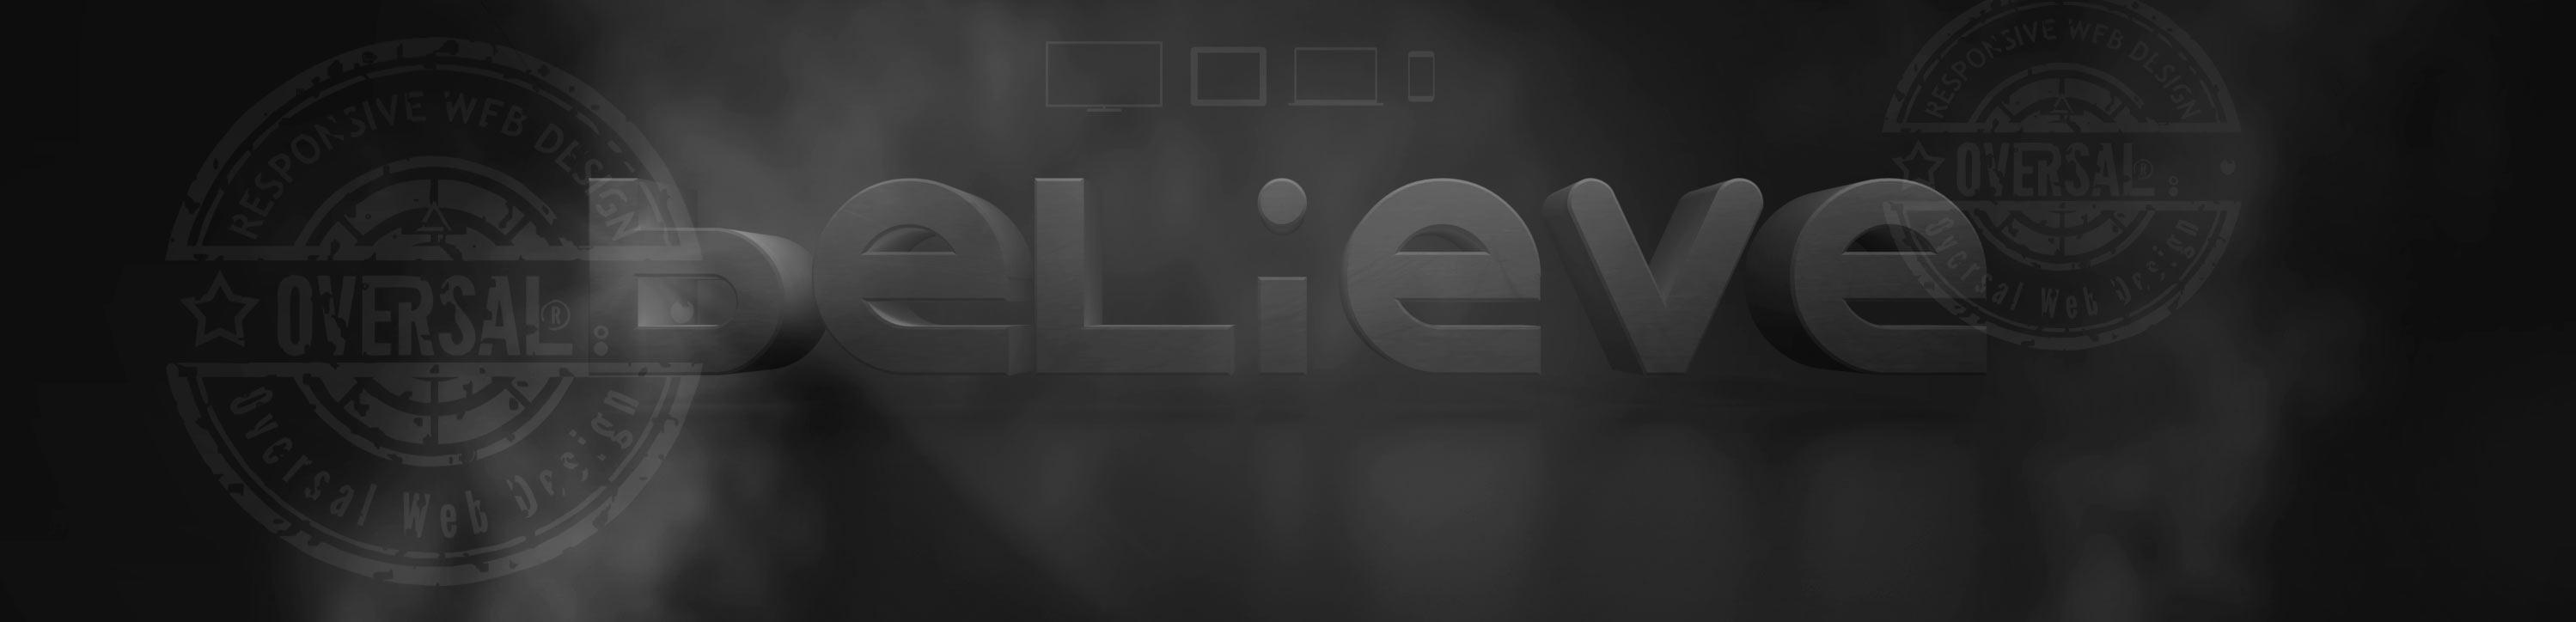 Dark 3D composite - Believe - Oversal